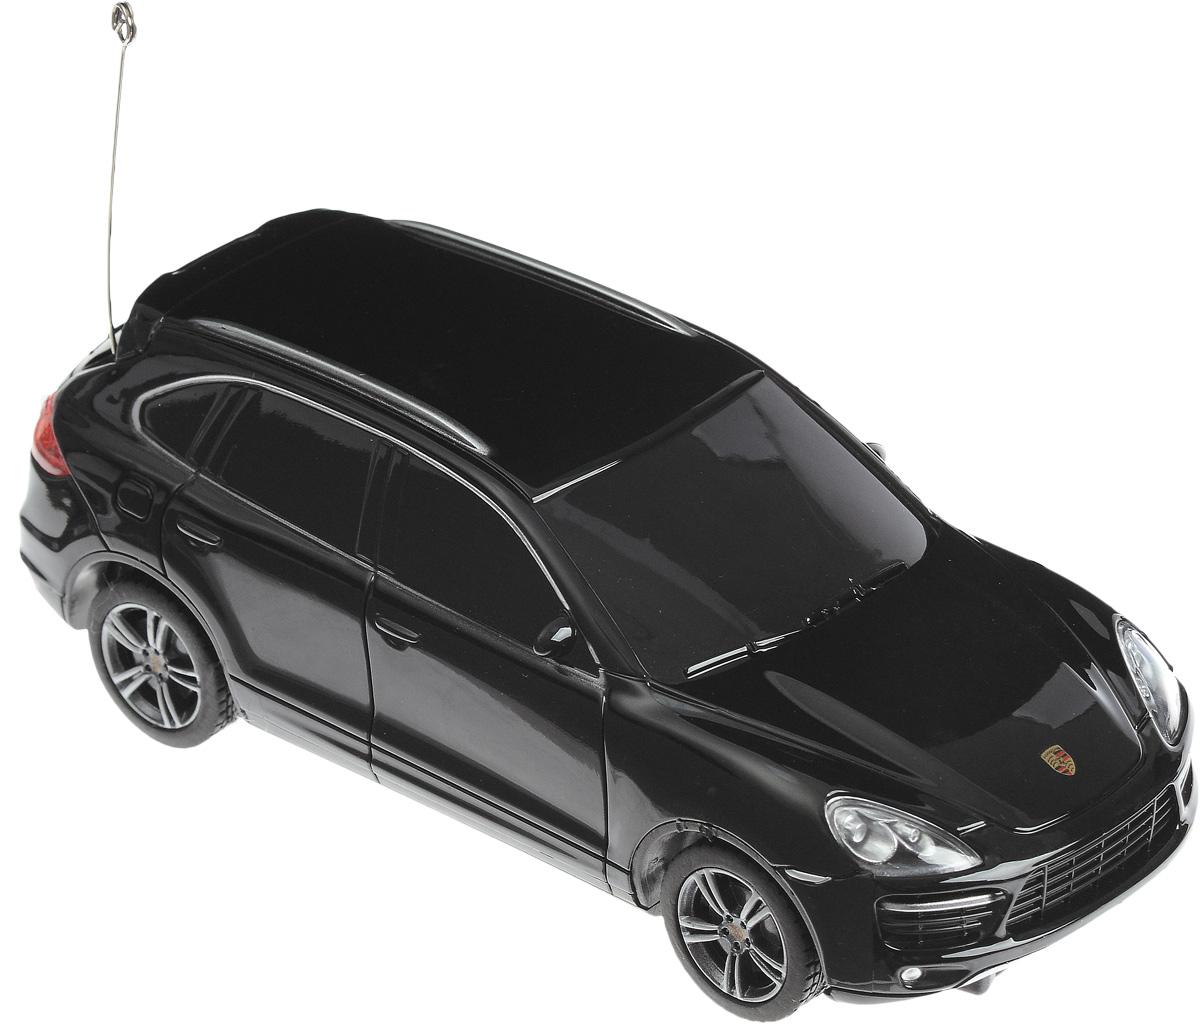 """Радиоуправляемая модель Rastar """"Porsche Cayenne Turbo"""" - точная копия настоящего автомобиля, выполненная в масштабе 1/32. Автомобиль обладает неповторимым провокационным стилем и спортивным характером. Автомобиль с литым корпусом изготовлен из современных прочных материалов и обладает высокой стабильностью движения, что позволяет полностью контролировать его процесс, управляя без суеты и страха сломать игрушку. Управление машинкой осуществляется при помощи пульта управления, который работает на частоте 27 MHz. Основные направления движения автомобиля: вперед-вправо. Для работы автомобиля необходимо купить 2 батарейки напряжением 1,5V типа АА (не входят в комплект). Для работы пульта управления необходимо купить 2 батарейки напряжением 1,5V типа АА (не входят в комплект)."""